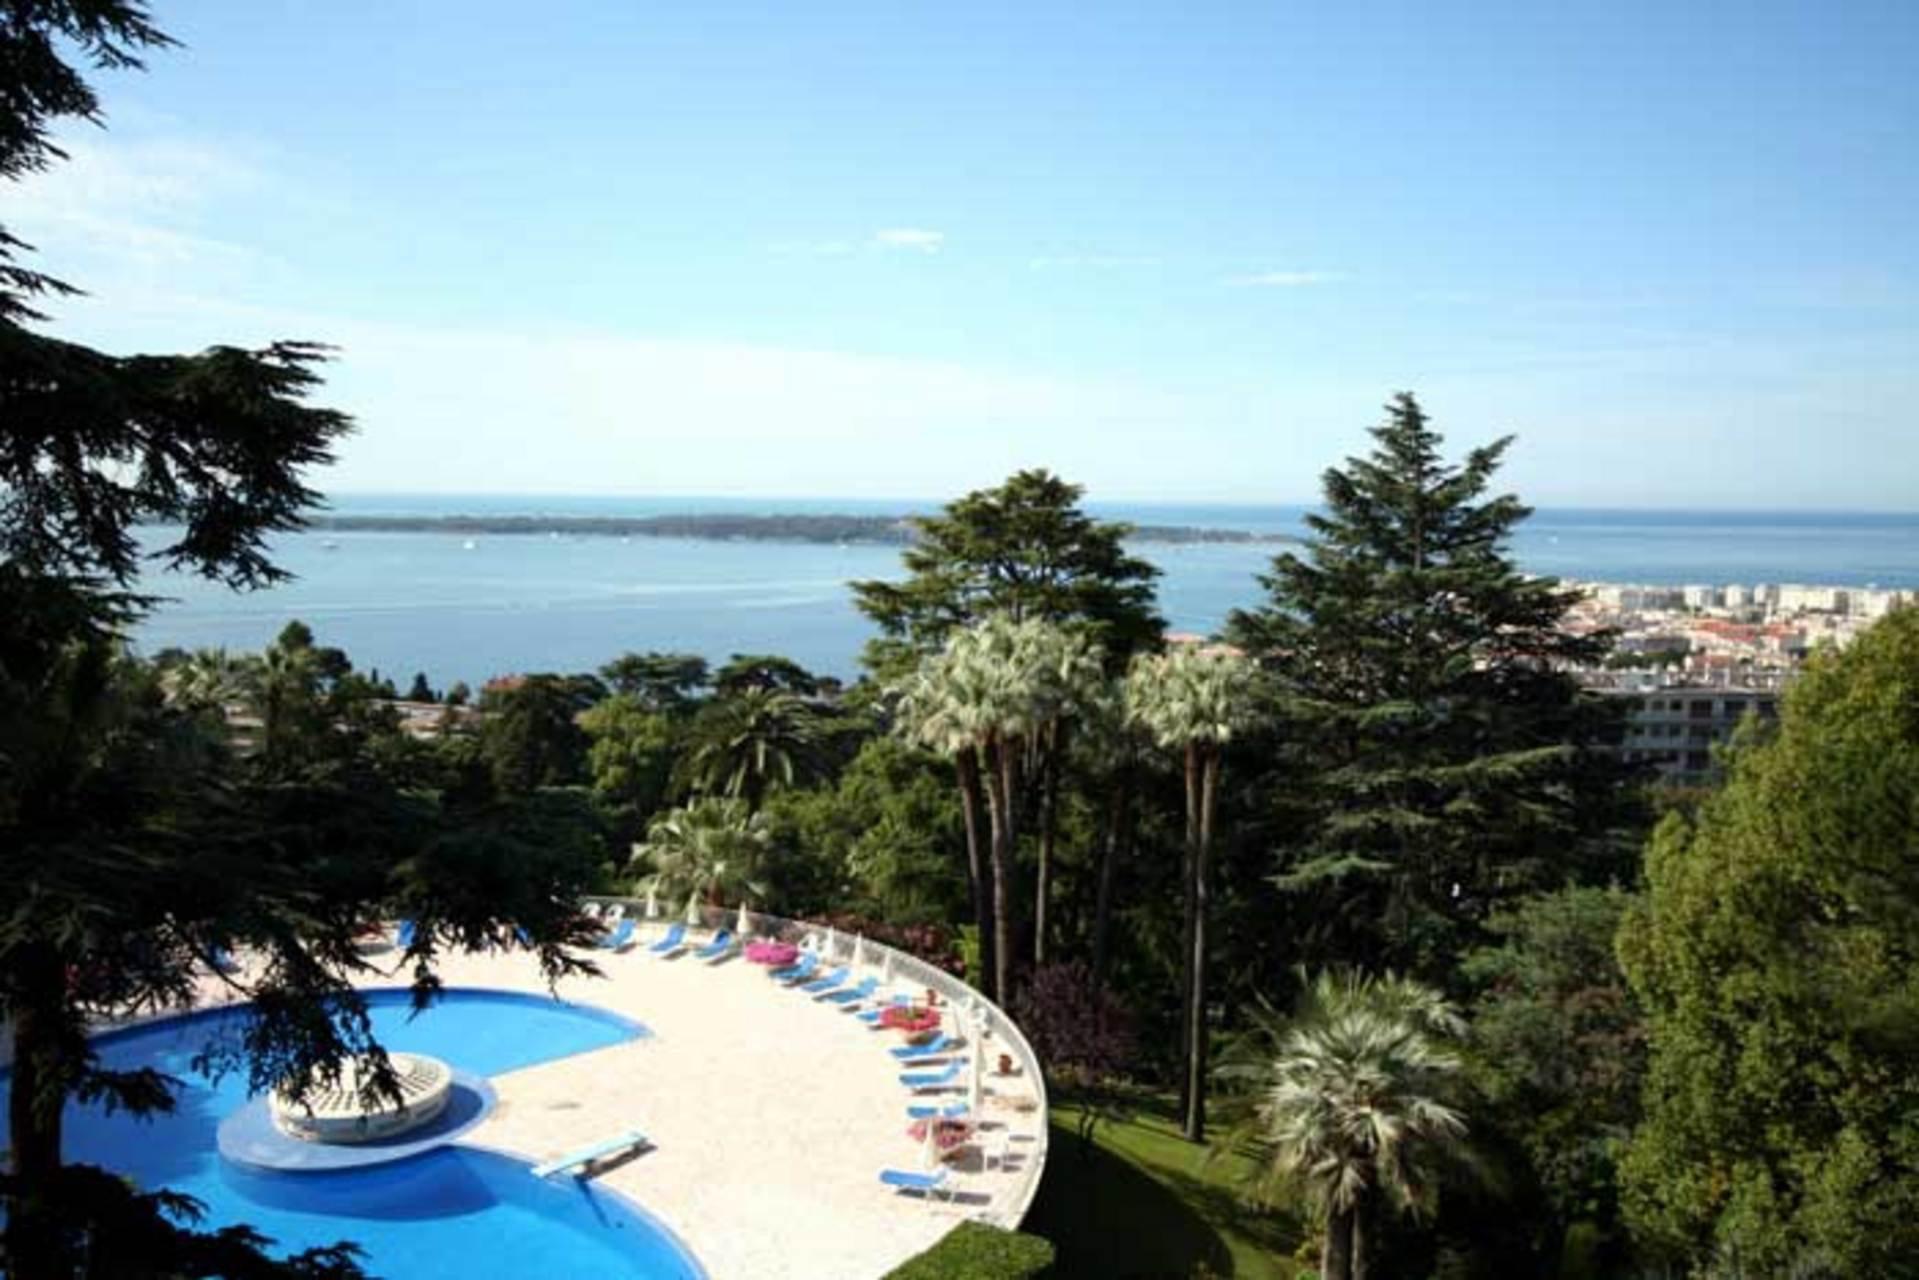 Продажа квартир на юге франции недвижимость в сан диего цены